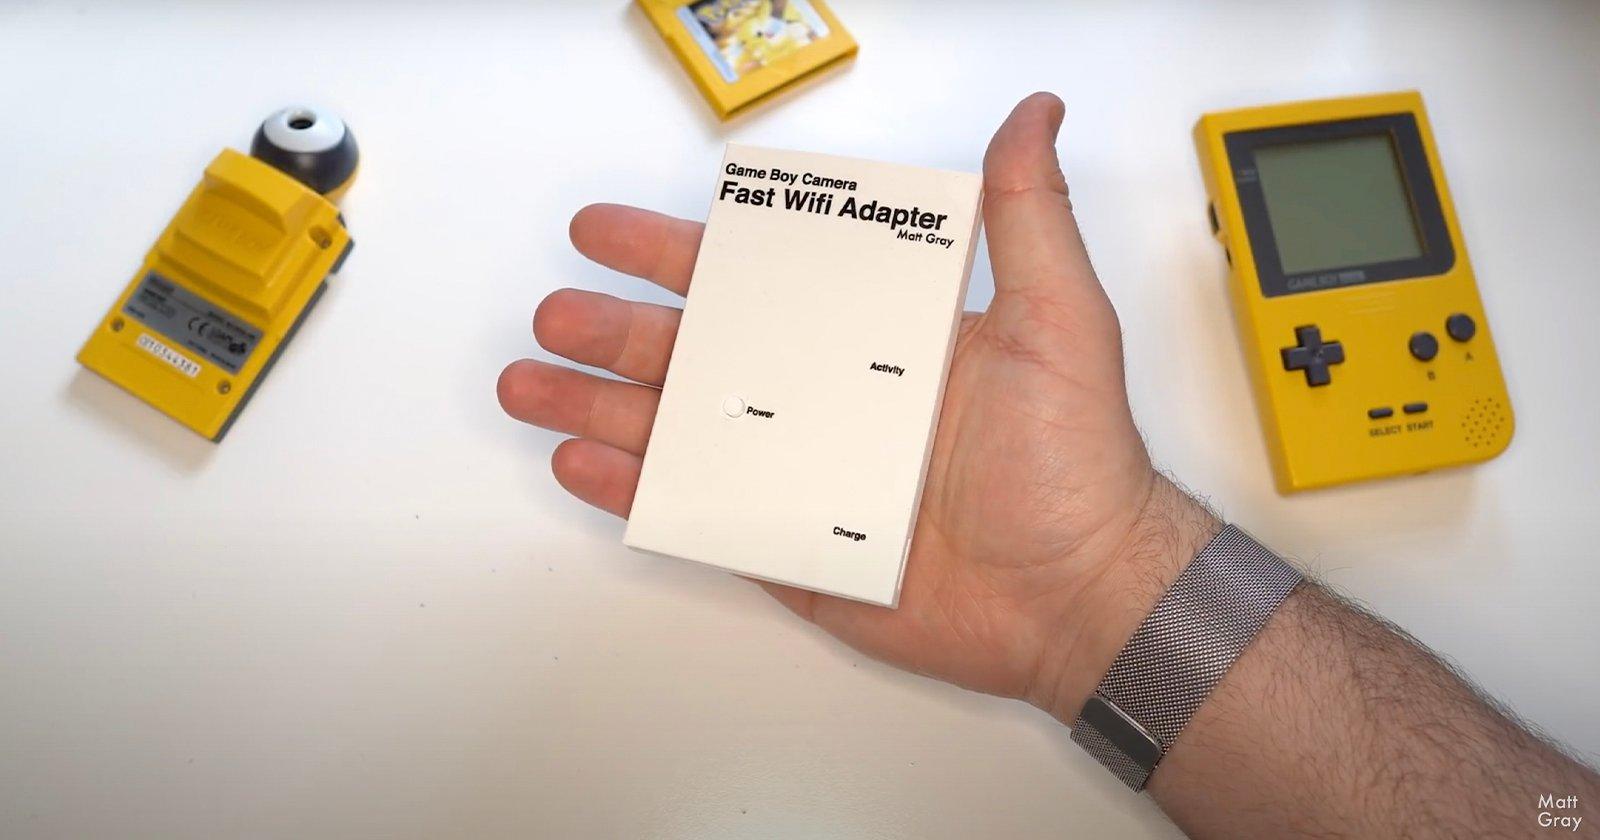 L'ingegnere modernizza la fotocamera del Game Boy del 1998 con un adattatore fai da te